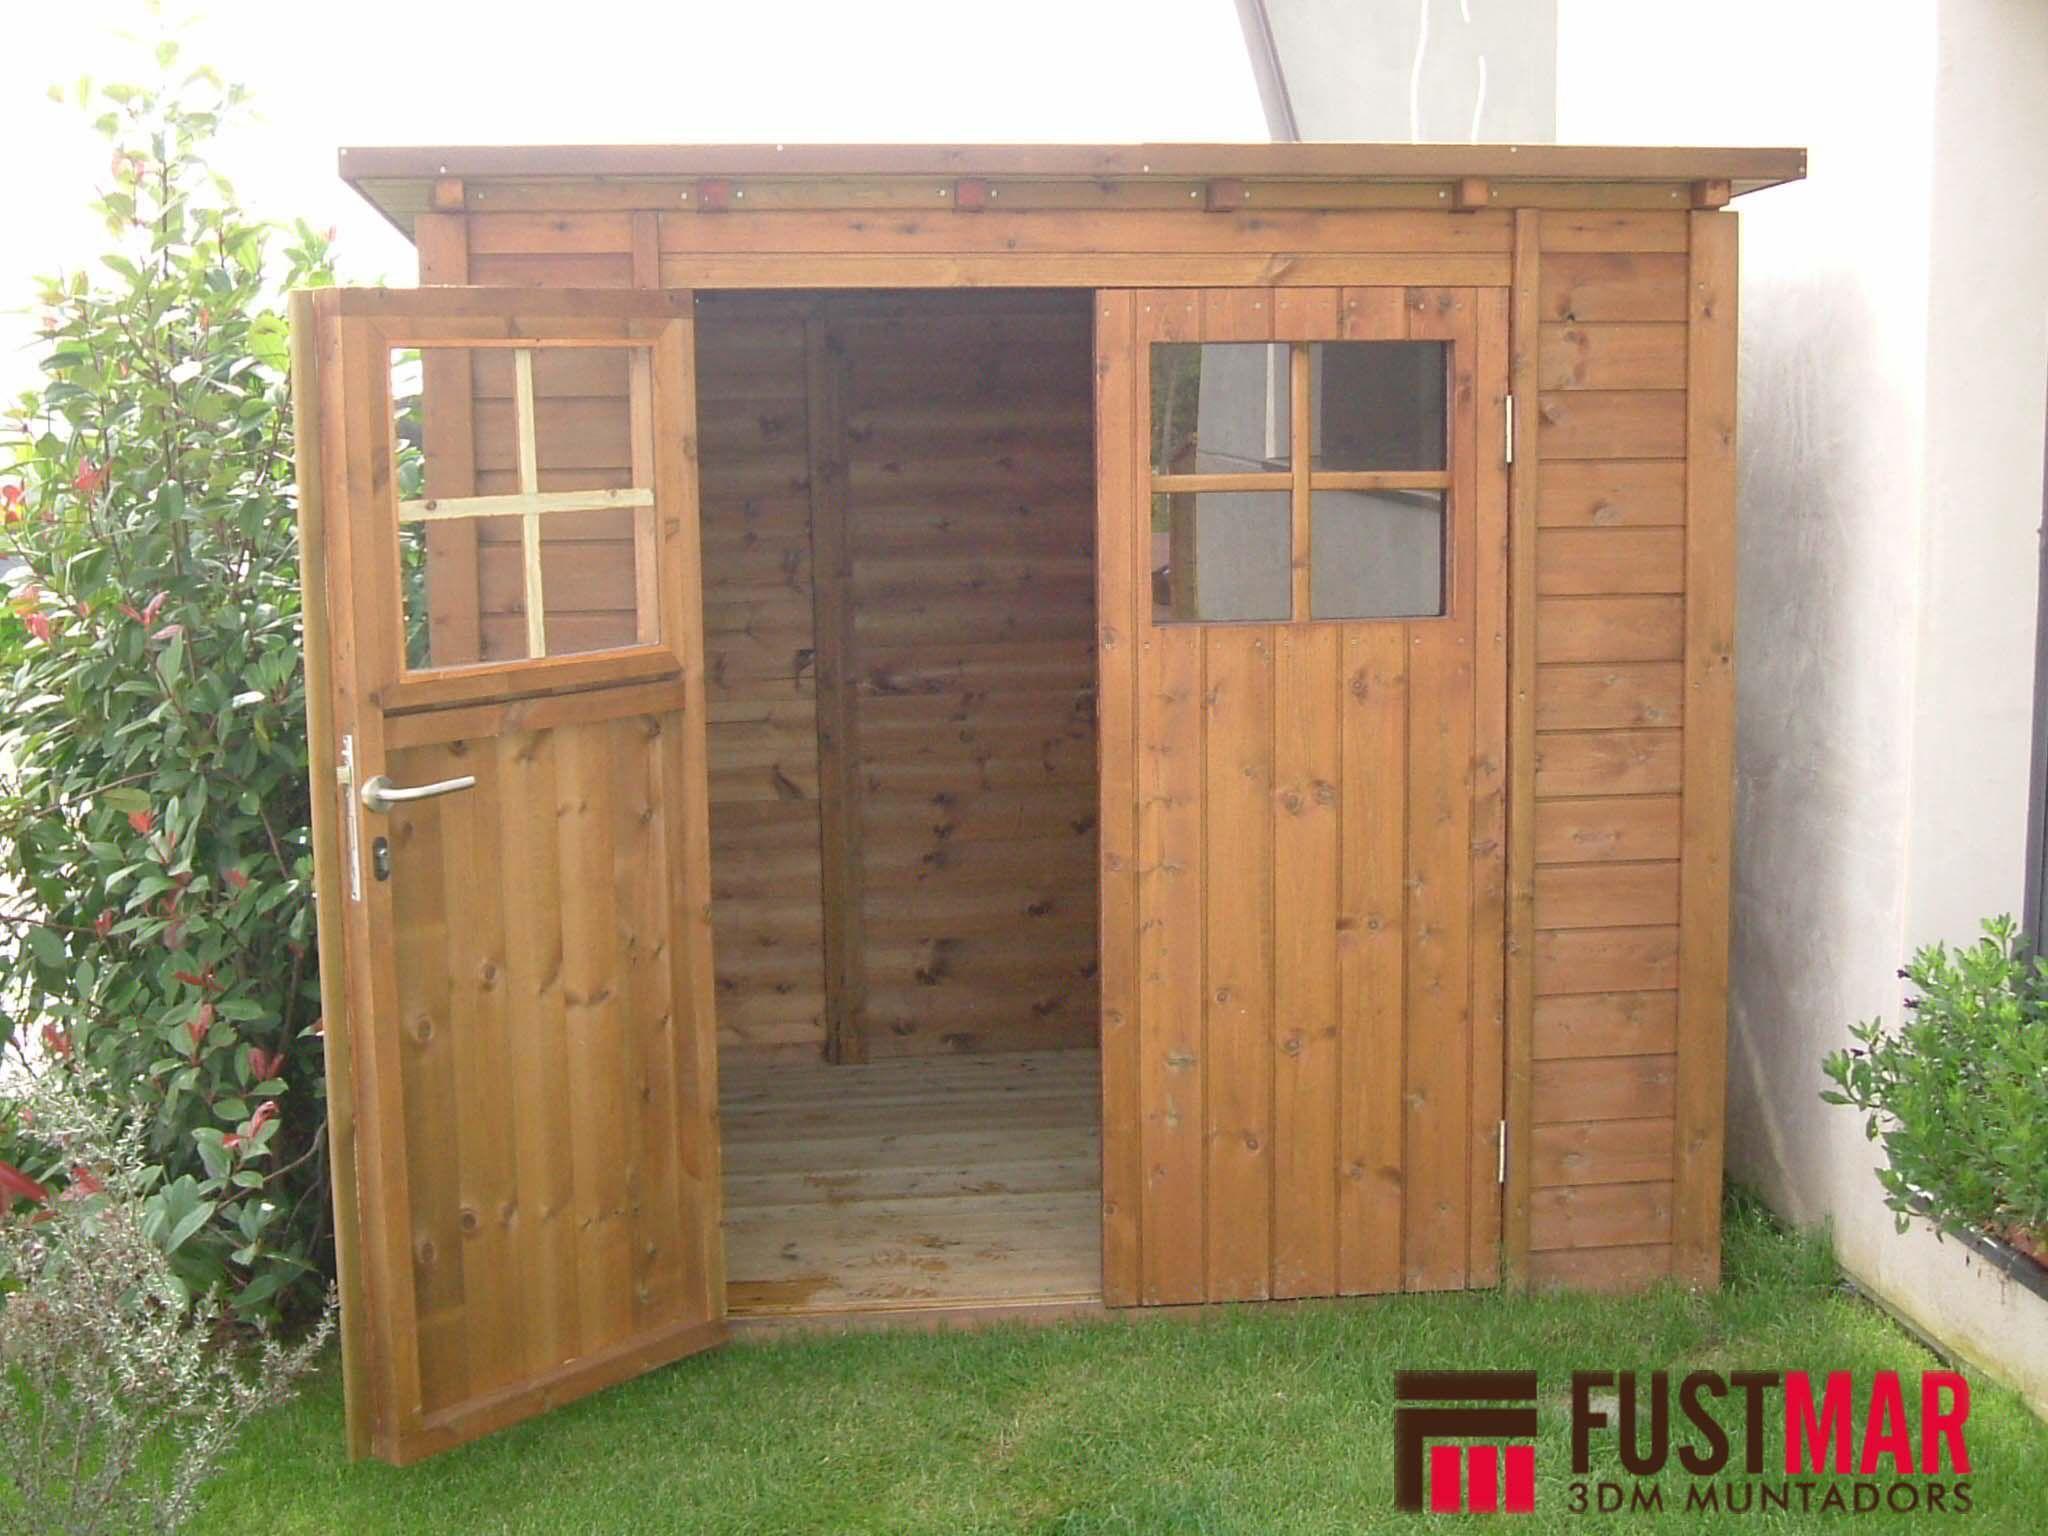 Fabricaci n e instalaci n de caseta de madera de pino tratado en